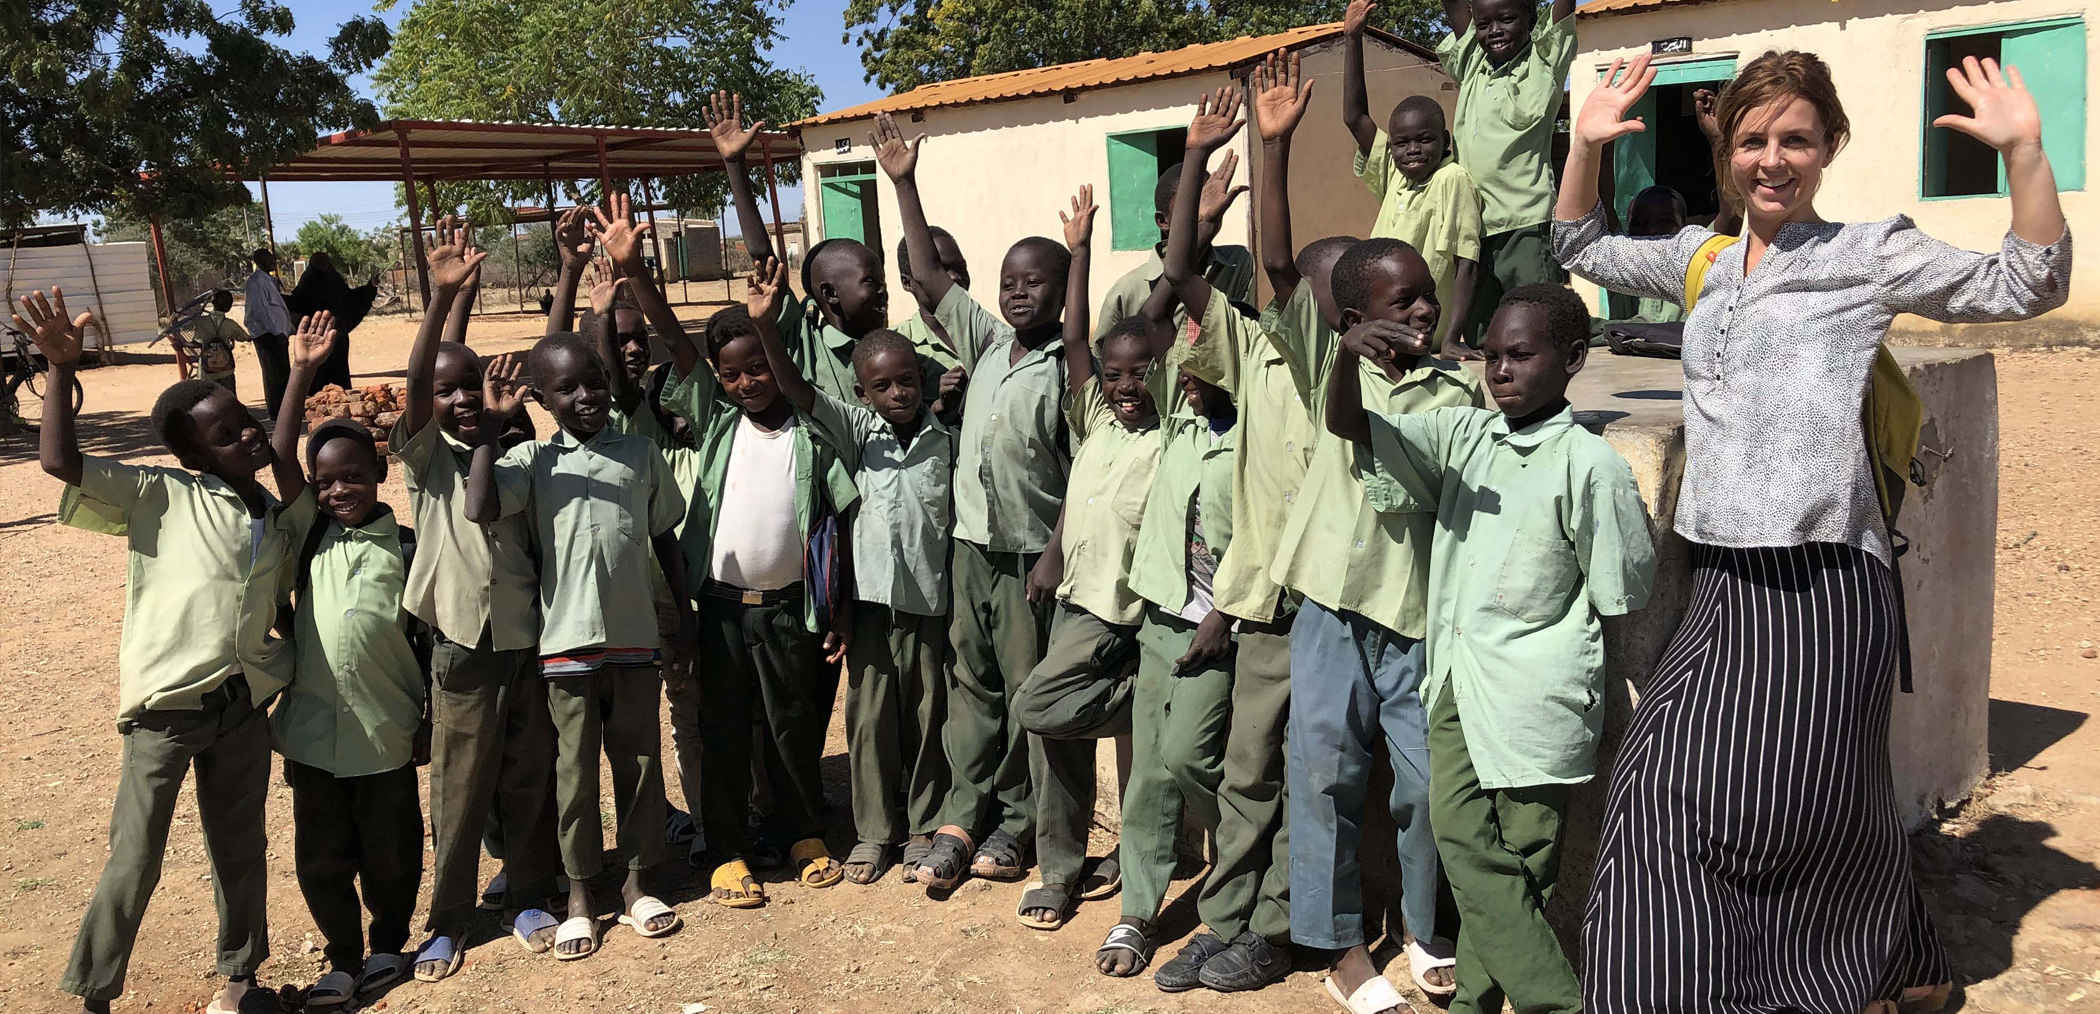 Alle børn skal have lov at gå i skole